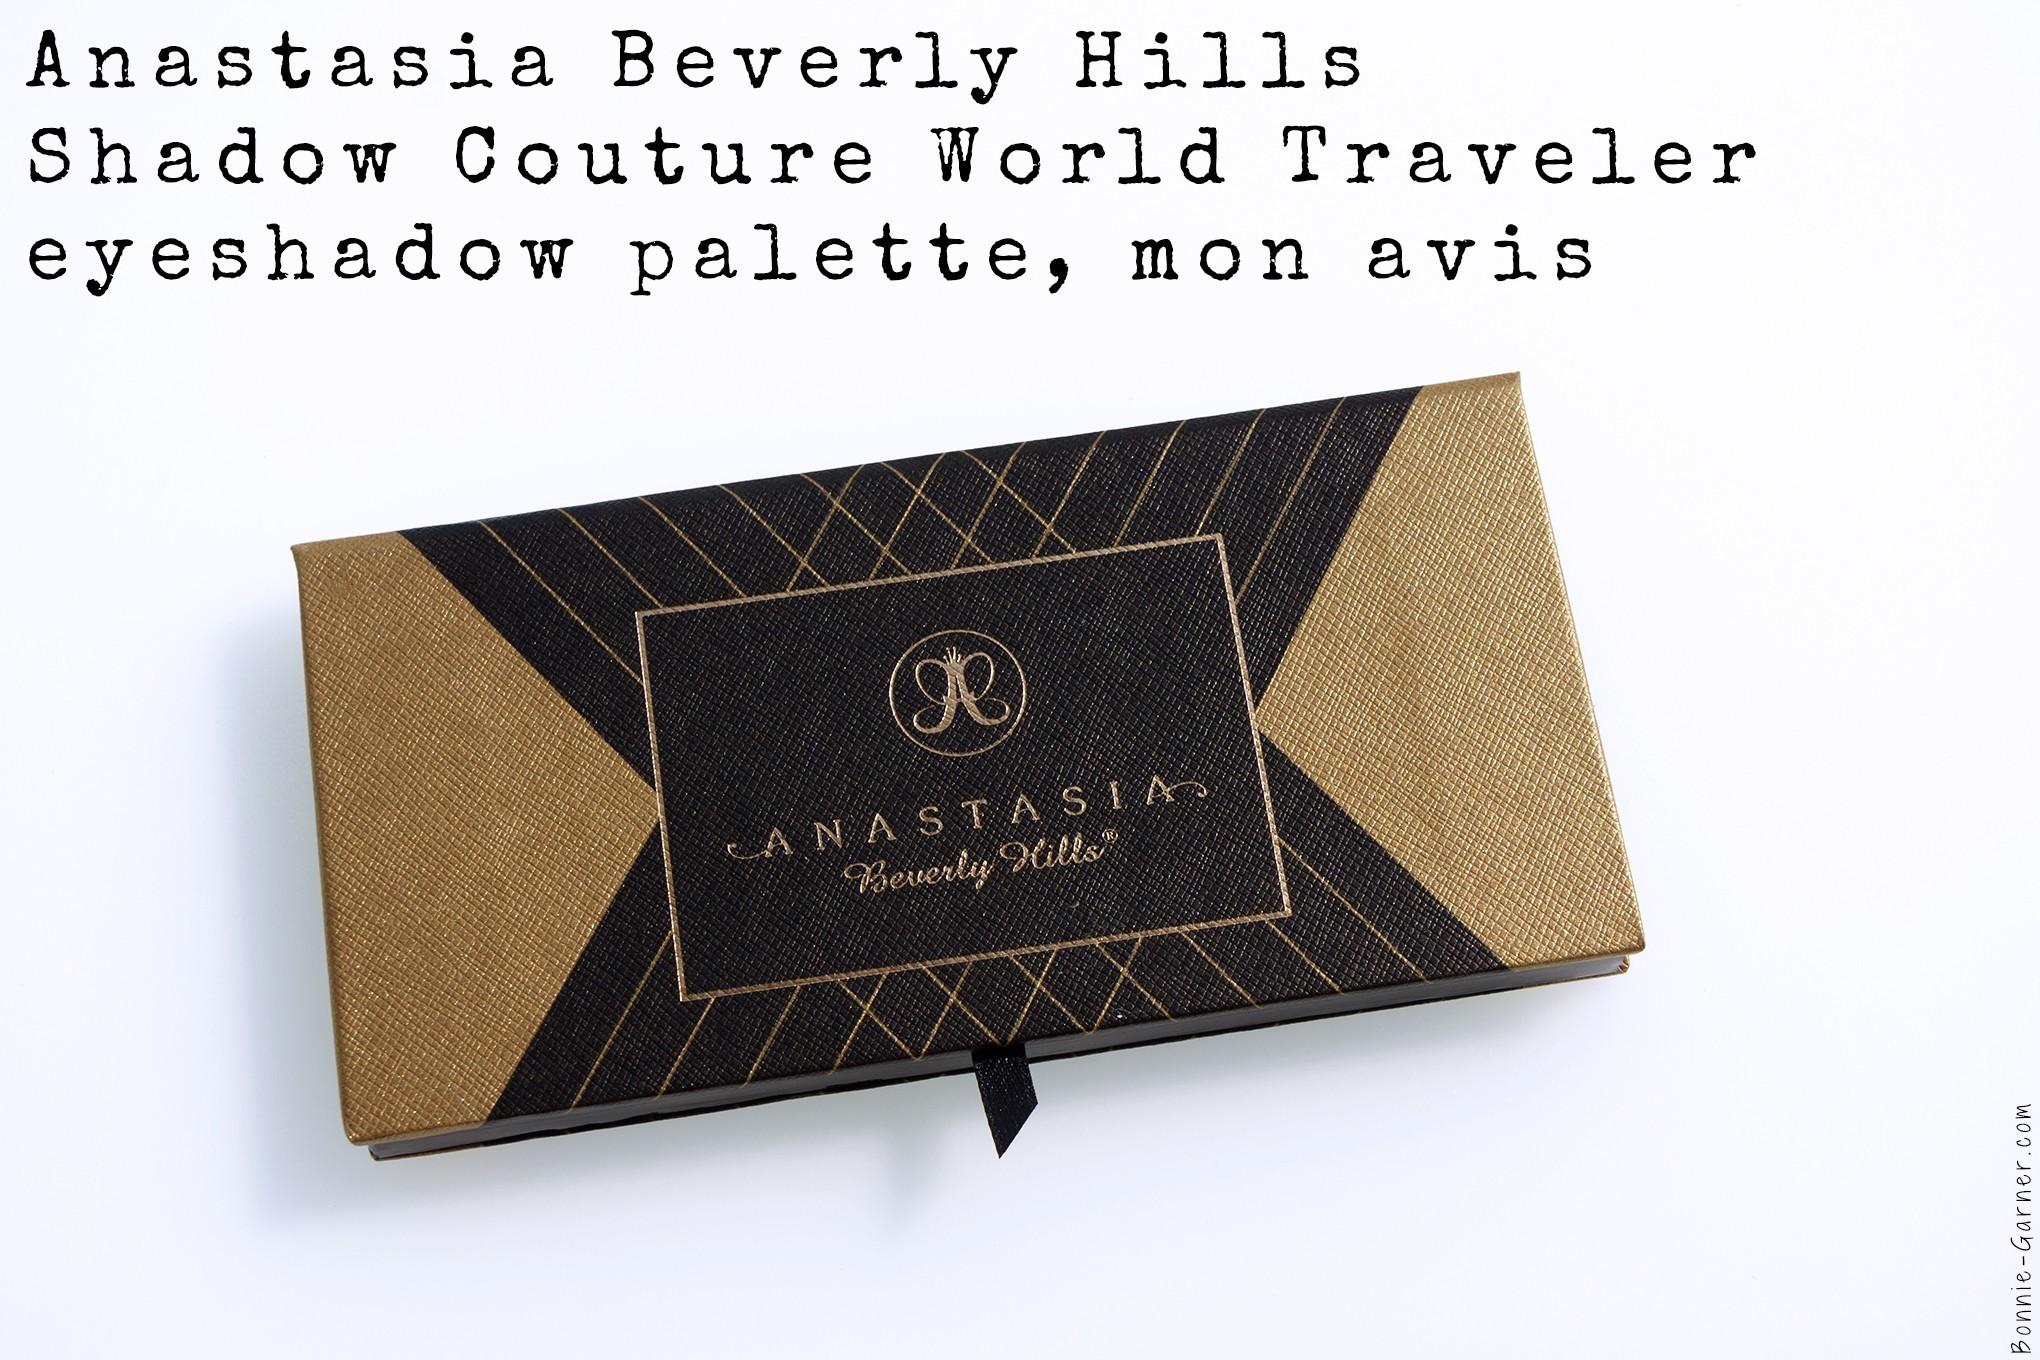 Anastasia Beverly Hills Shadow Couture World Traveler eyeshadow palette, mon avis